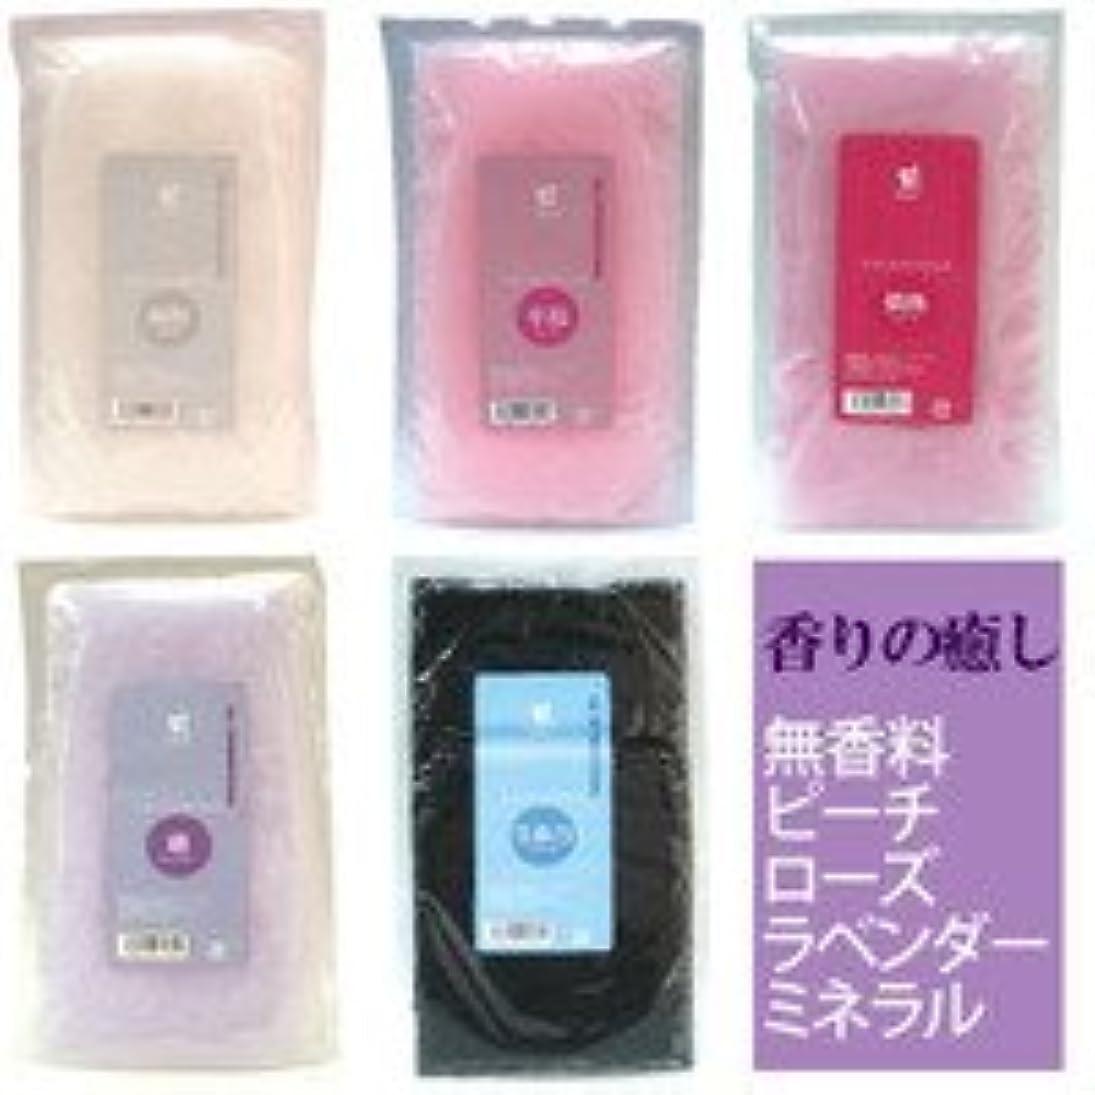 速記消化器高めるパラフィンパック 【トリートメントパック】 450g (情熱(ローズ))